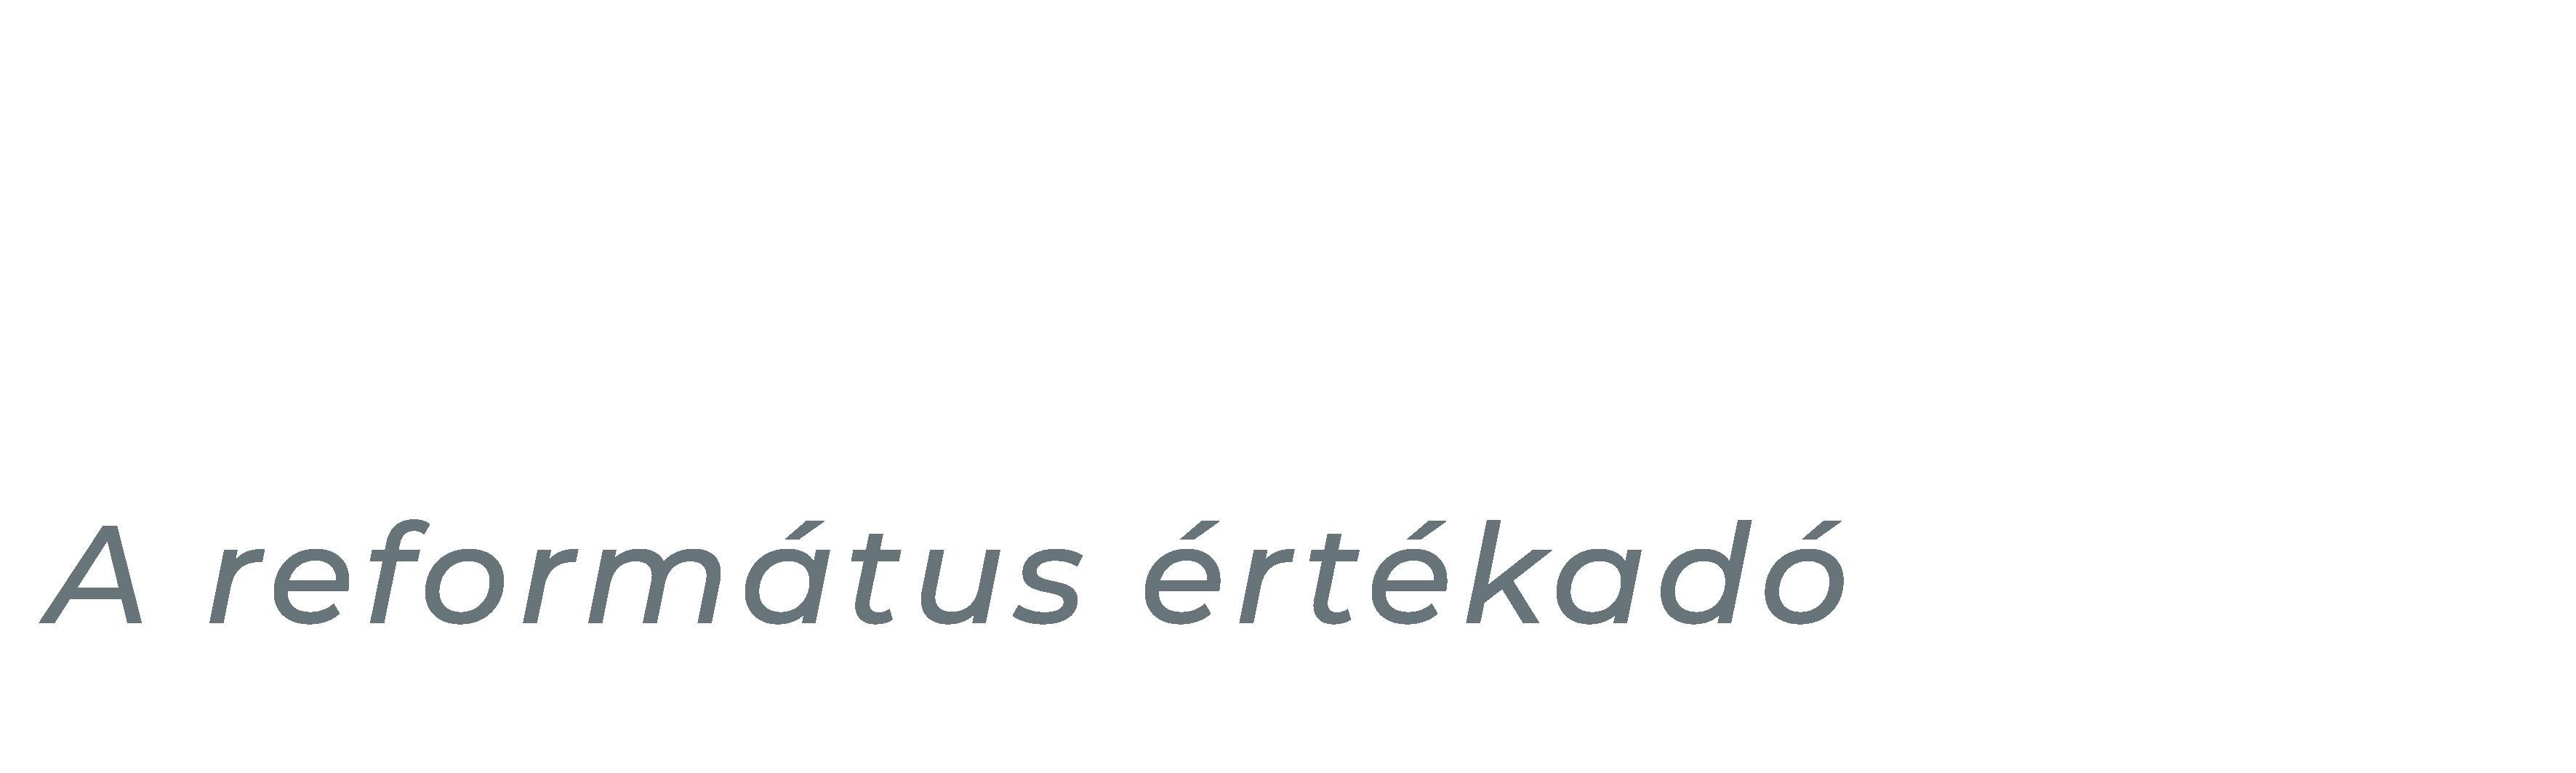 slide-logo-szetszedve-02.png